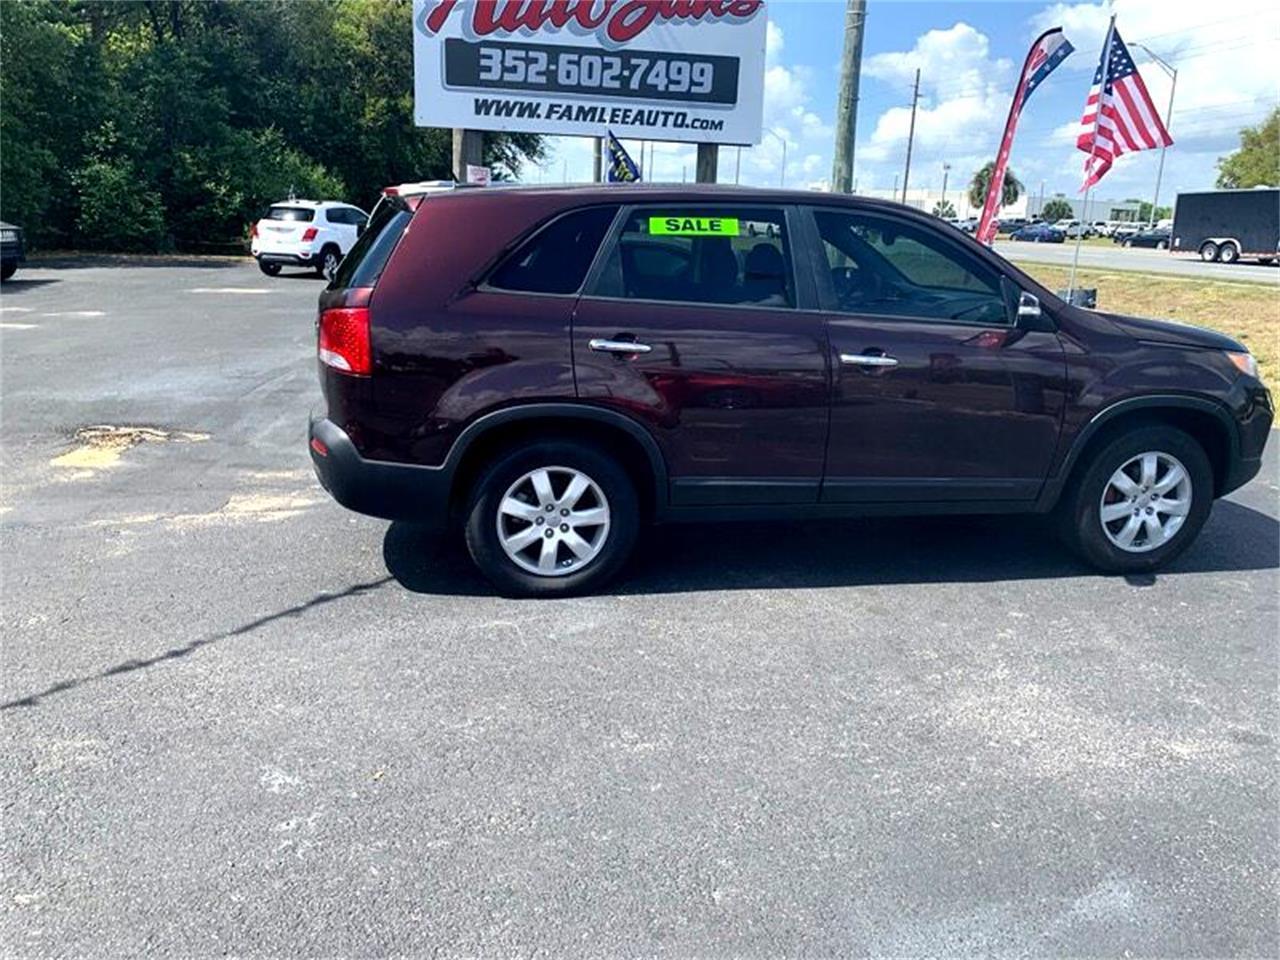 2013 Kia Sorento (CC-1332486) for sale in Tavares, Florida